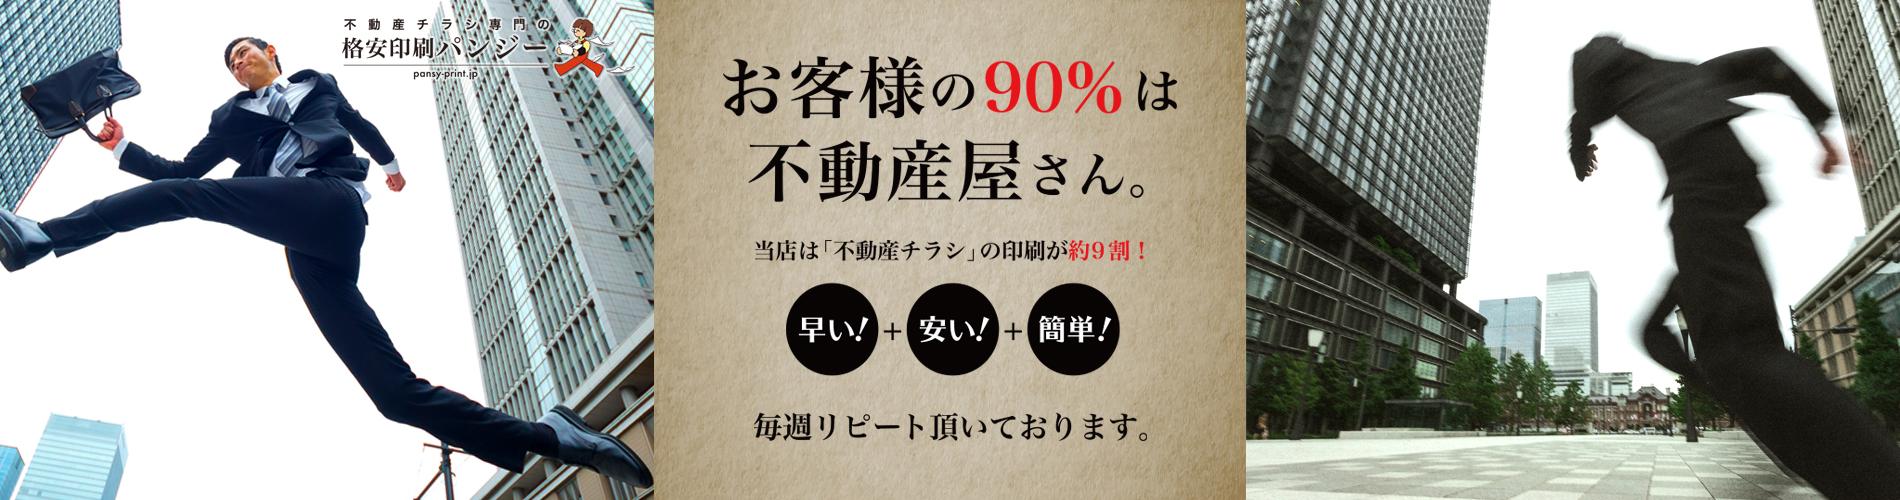 お客様の90%は不動産屋さん。